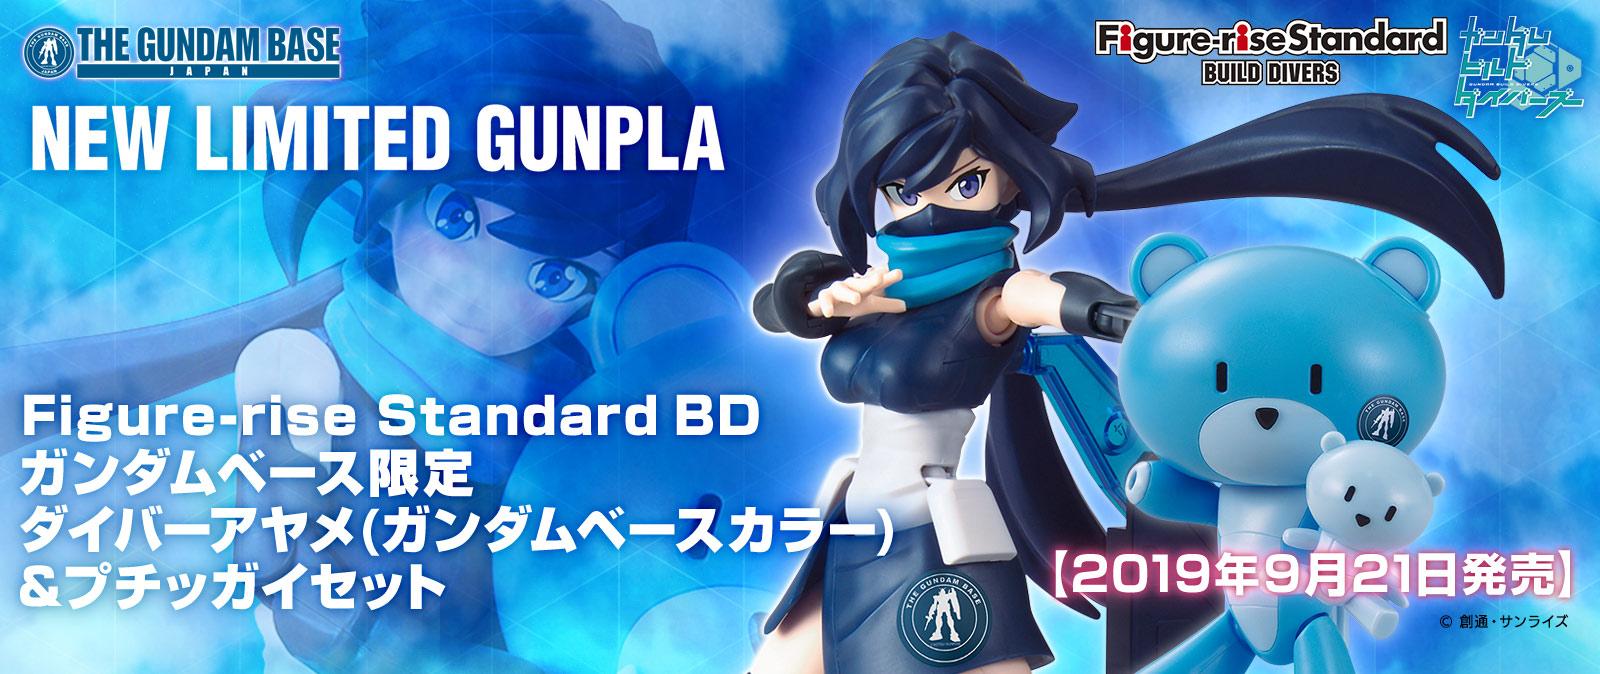 Figure-rise Standard BD ガンダムベース限定 ダイバーアヤメ[ガンダムベースカラー]&プチッガイセット